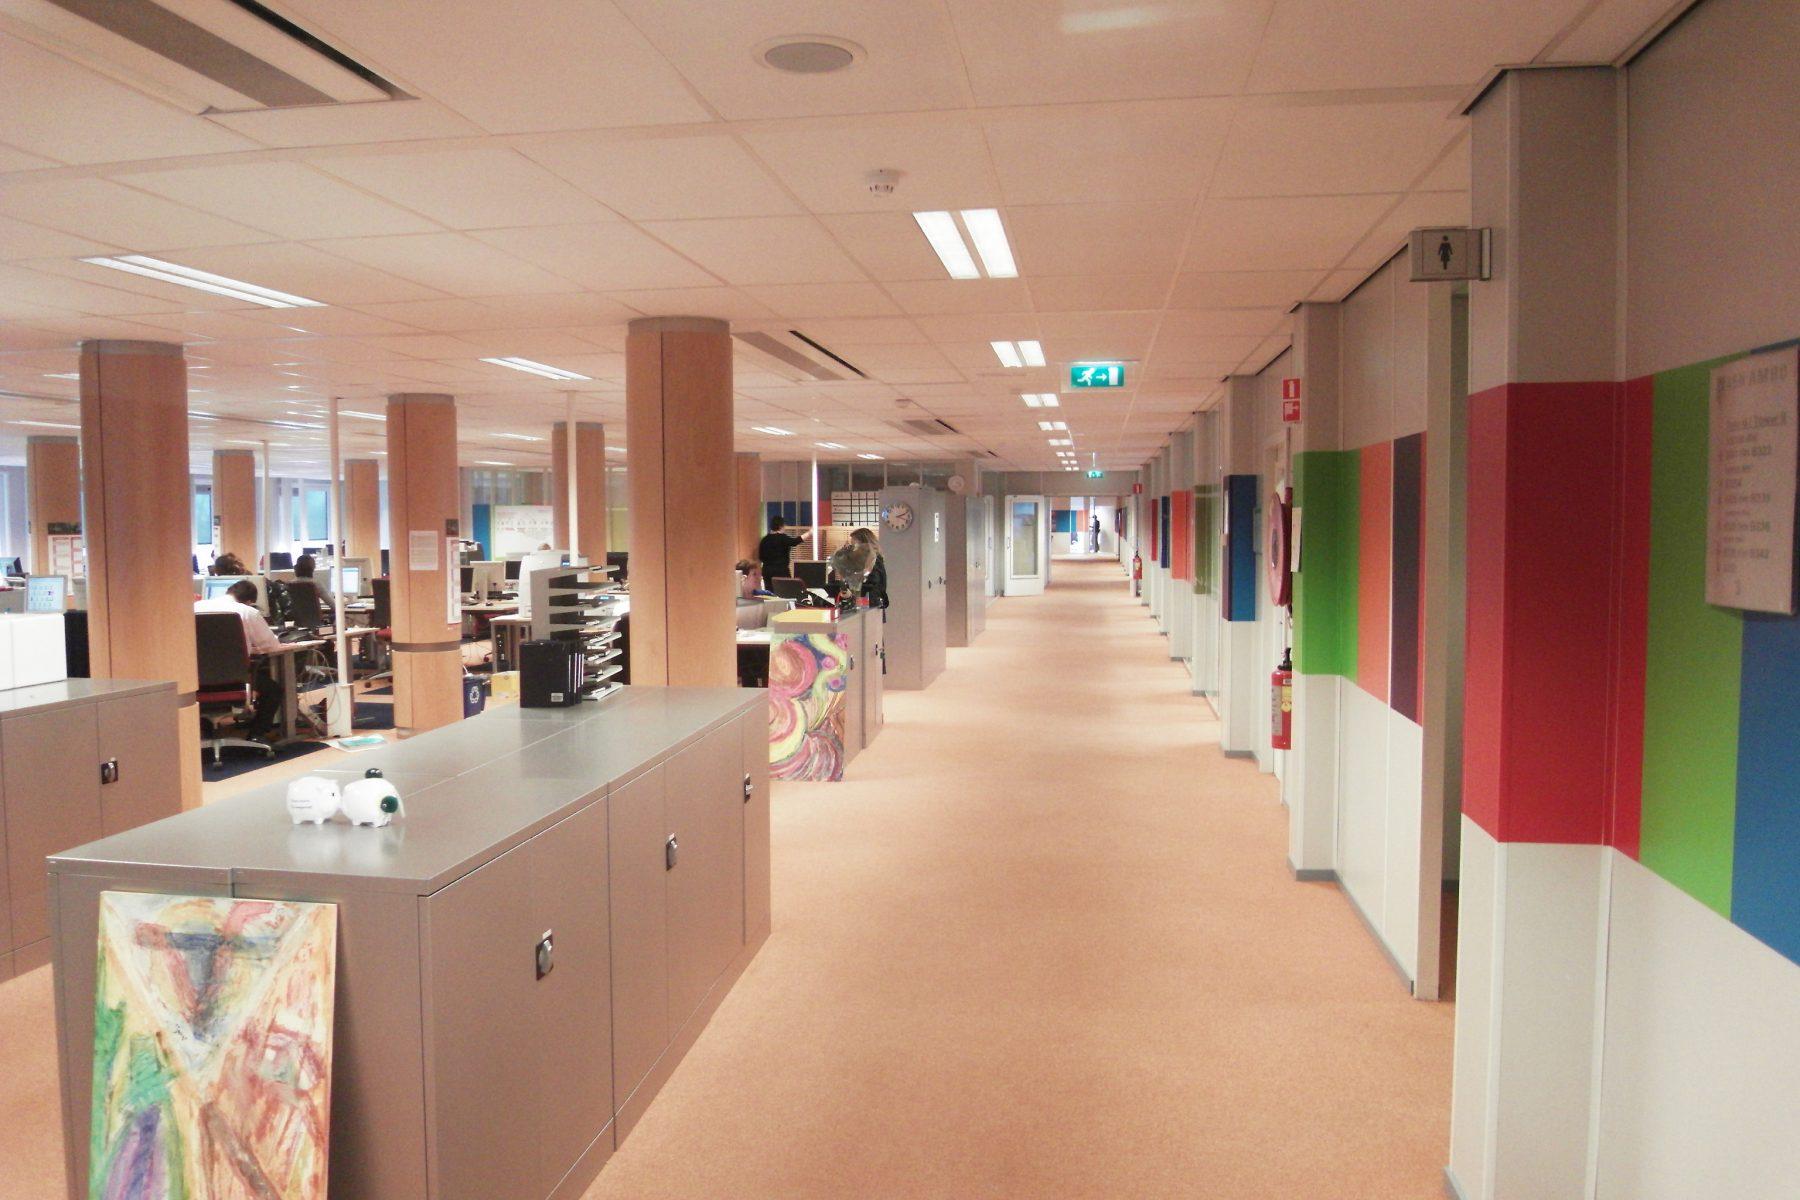 Amsterdam, Nispa, Tijdelijk wonen, studio's, meeting point